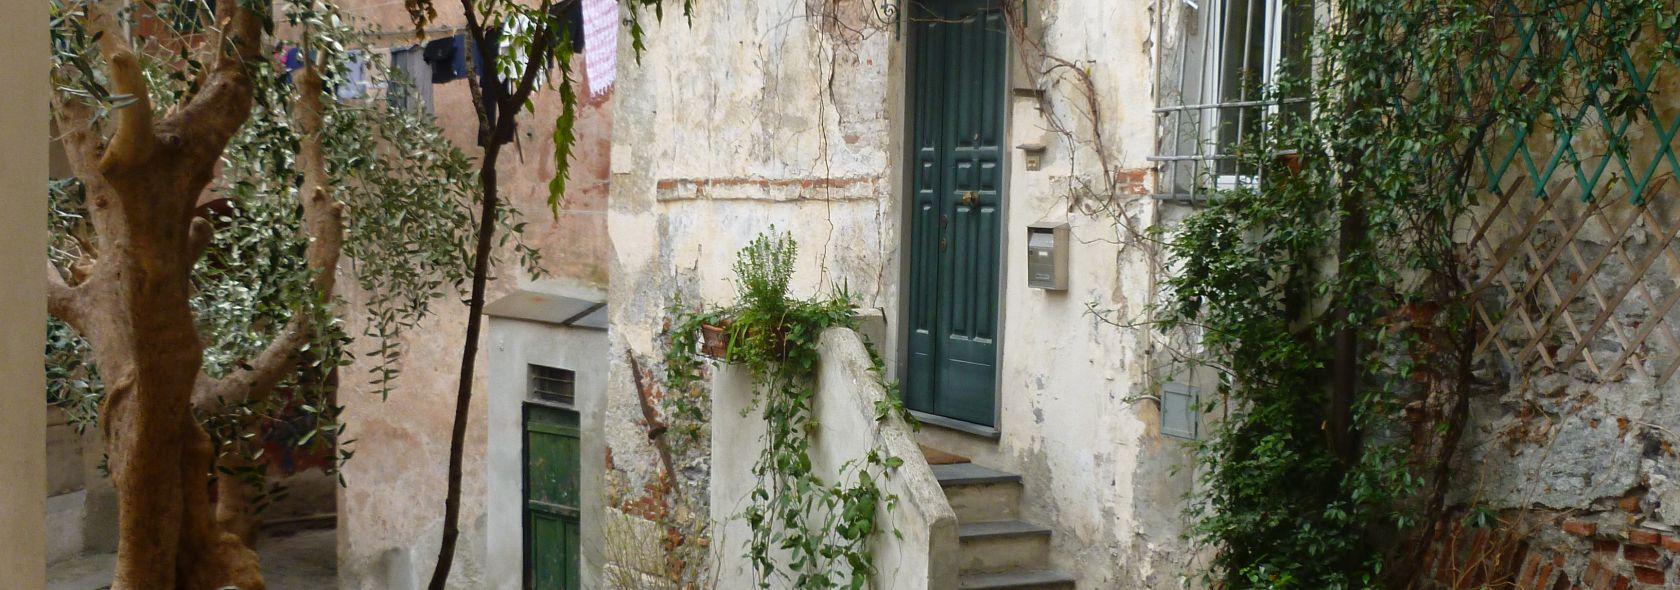 Quartiere del Carmine